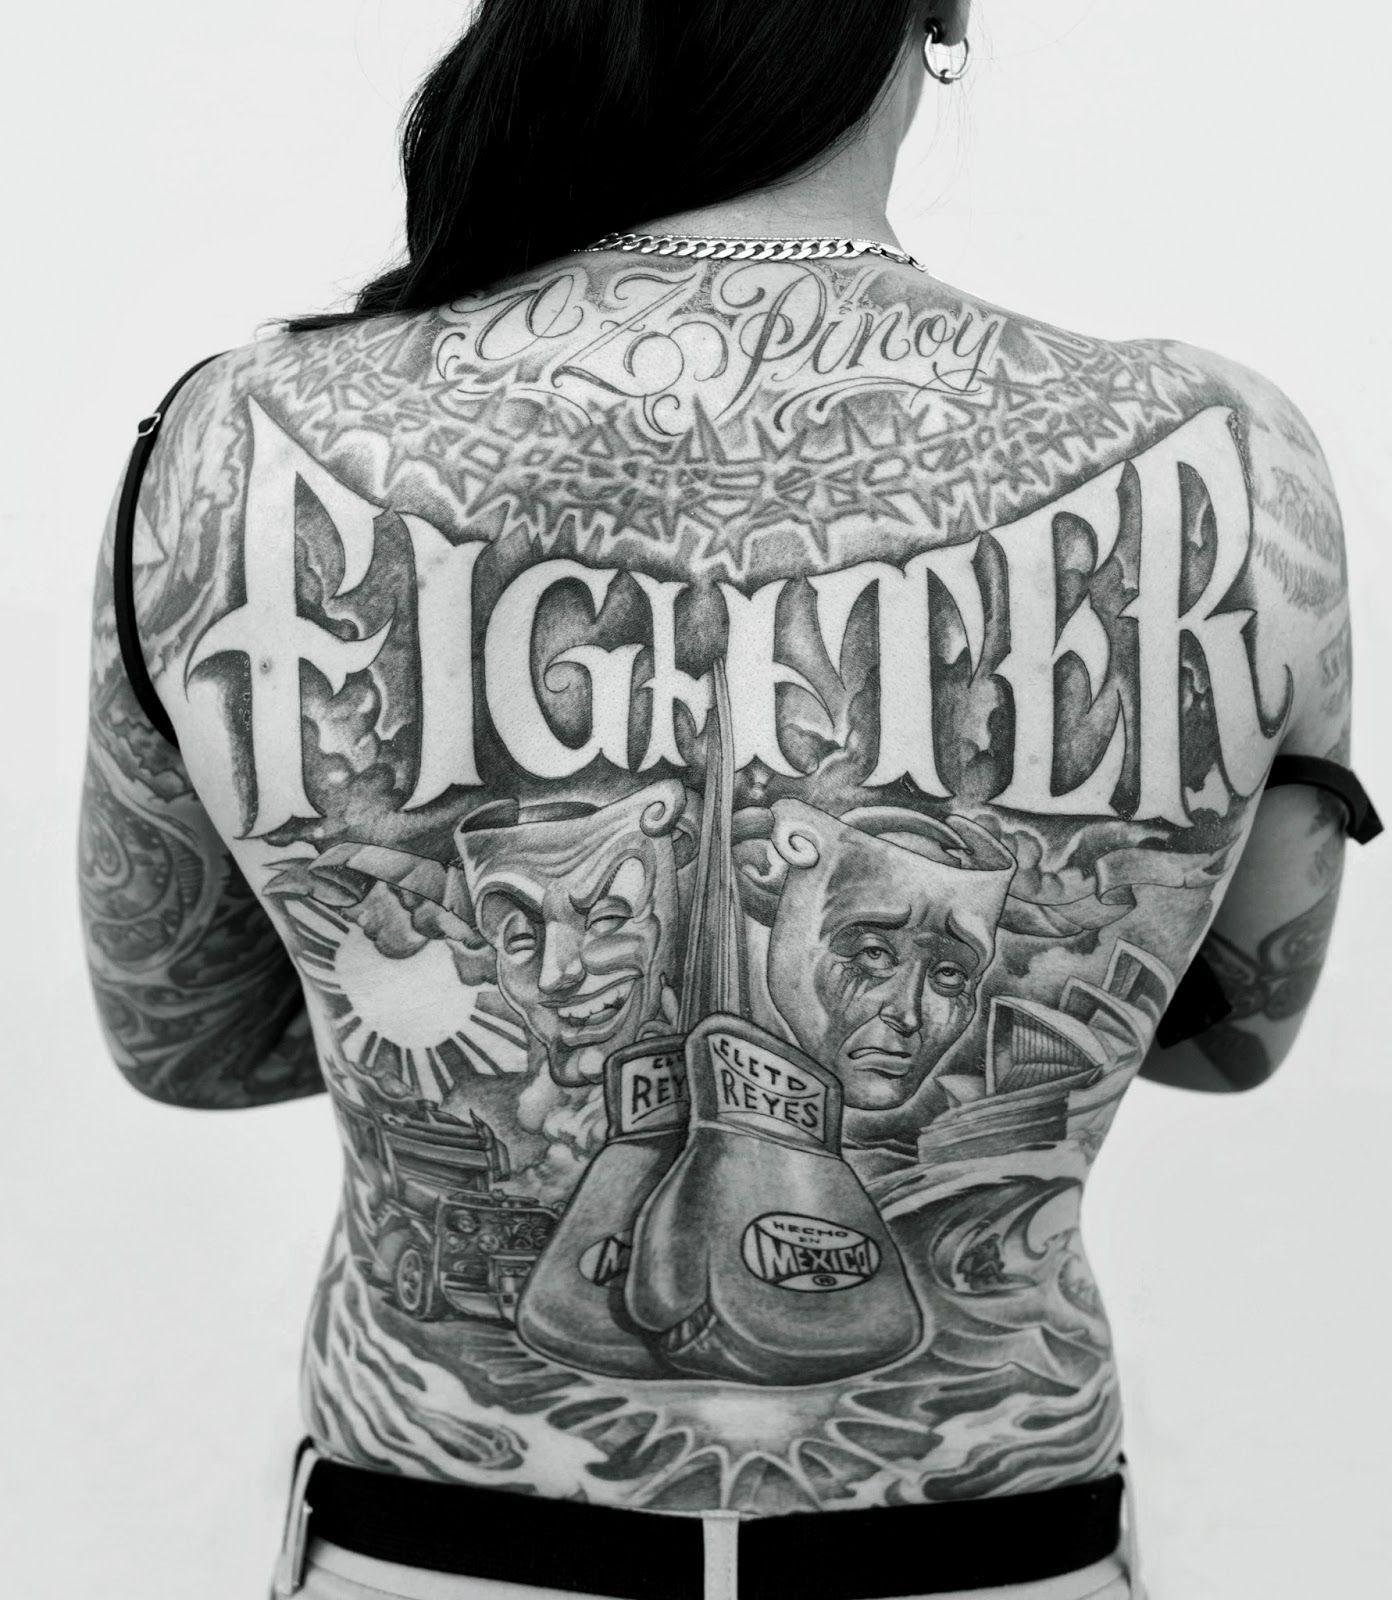 Graffiti art tattoo - Tattoosday A Tattoo Blog The Tattoosday Book Review Skin Graf Masters